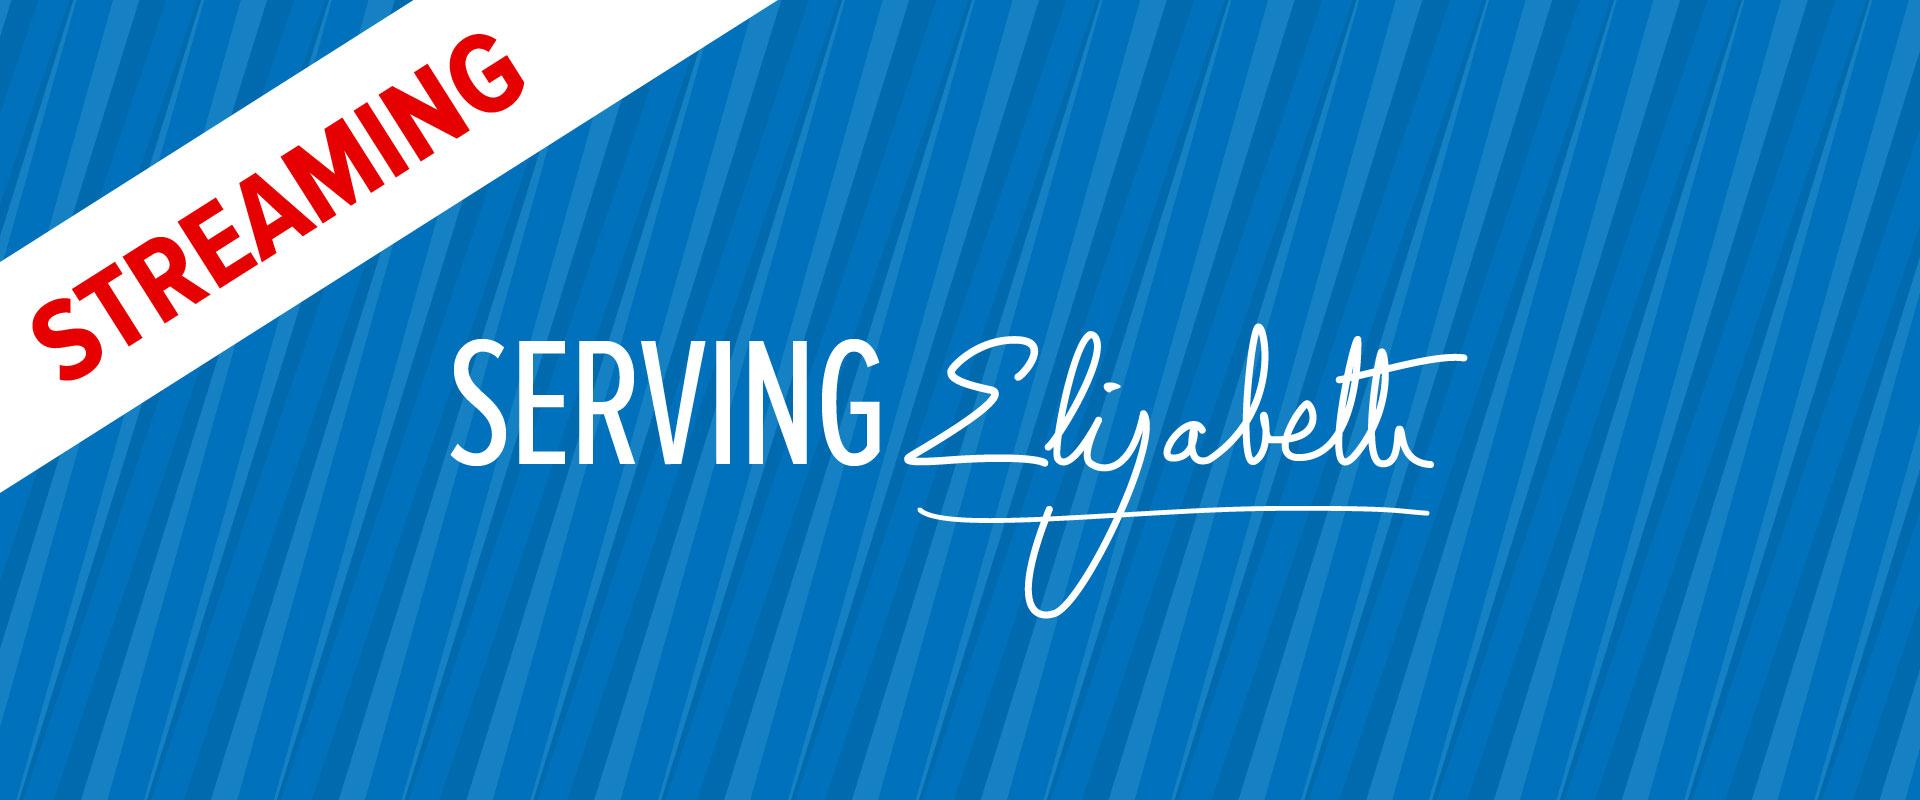 Wordmark image of Serving Elizabeth